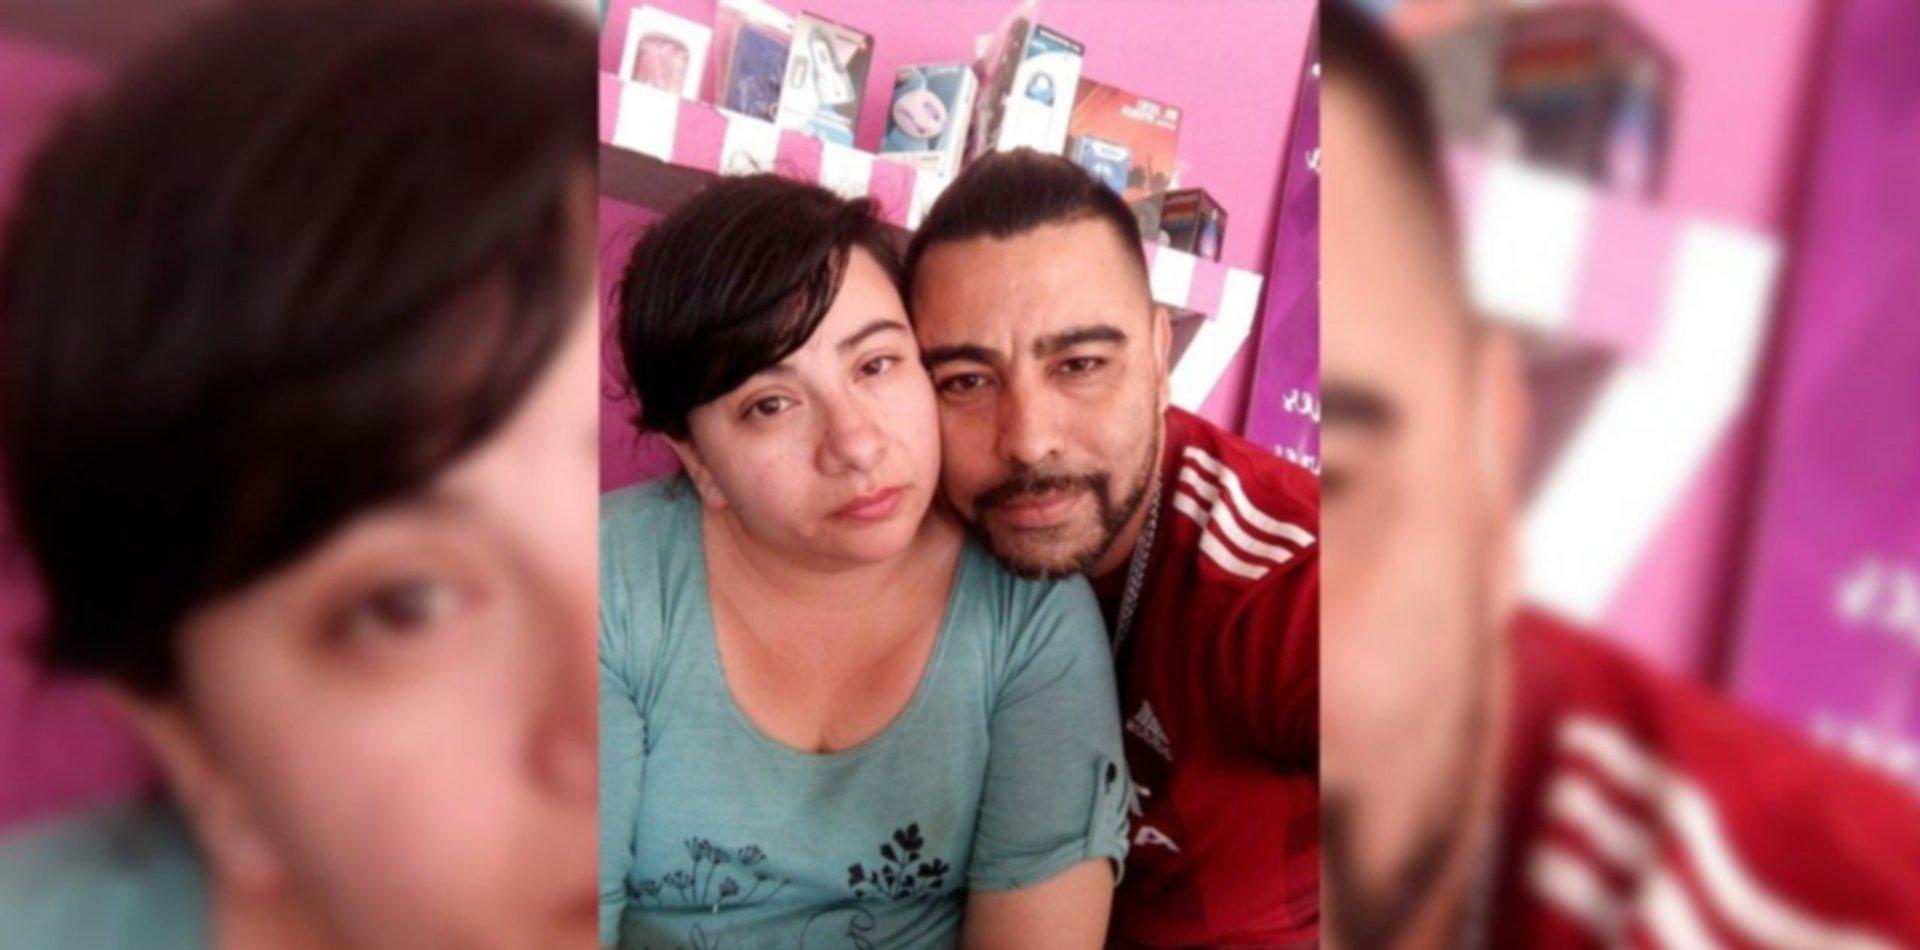 El esposo de Sandra Sepúlveda había sido denunciado por una ex por amenazas y abuso